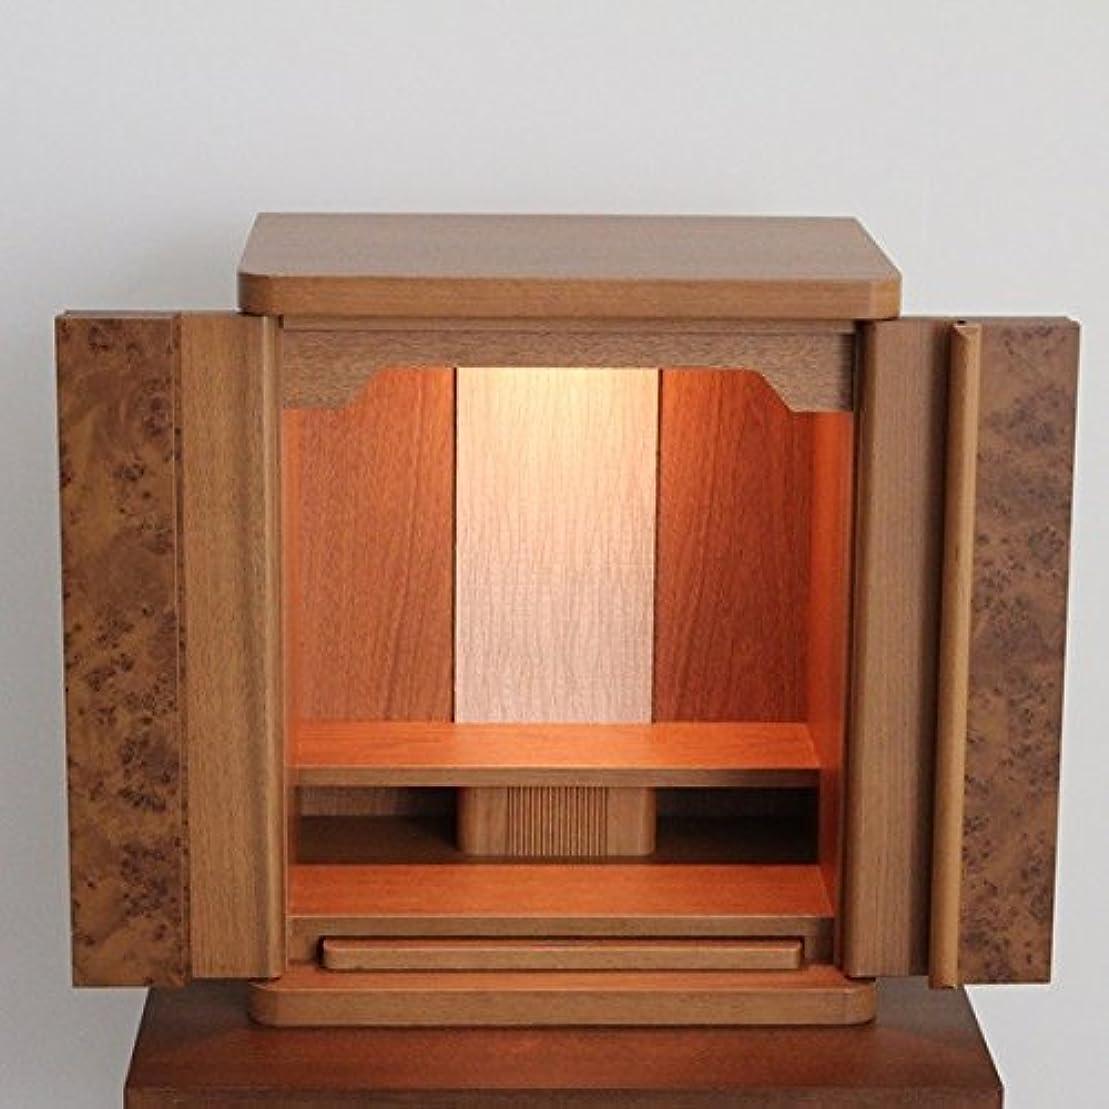 仏壇 国産 14号 家具調モダン仏壇 小型 クルミ総張材 玉木仕上げ